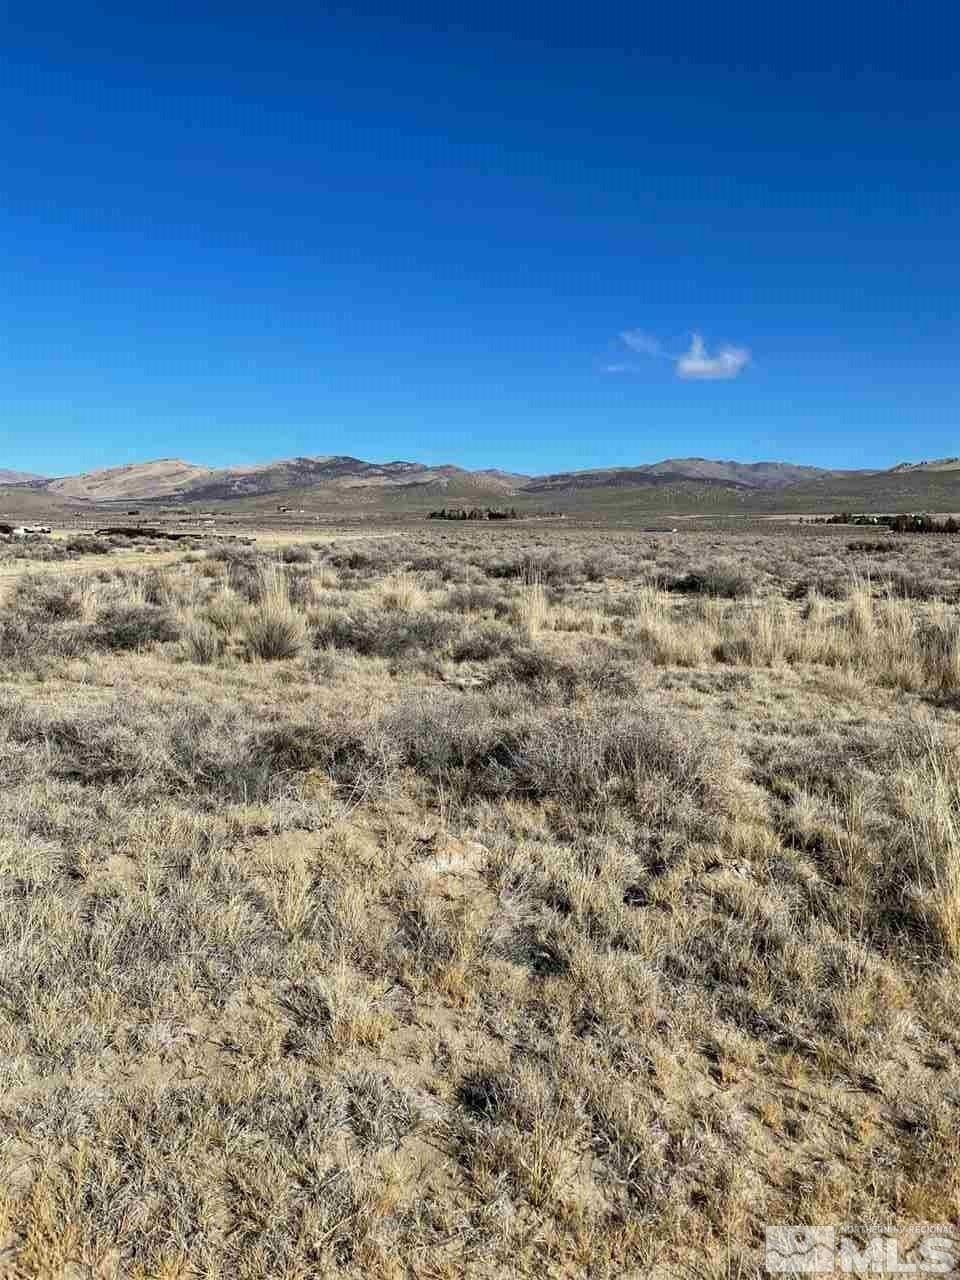 Image for 115 Buckboard Cir. w/ Well, Reno, NV 89508